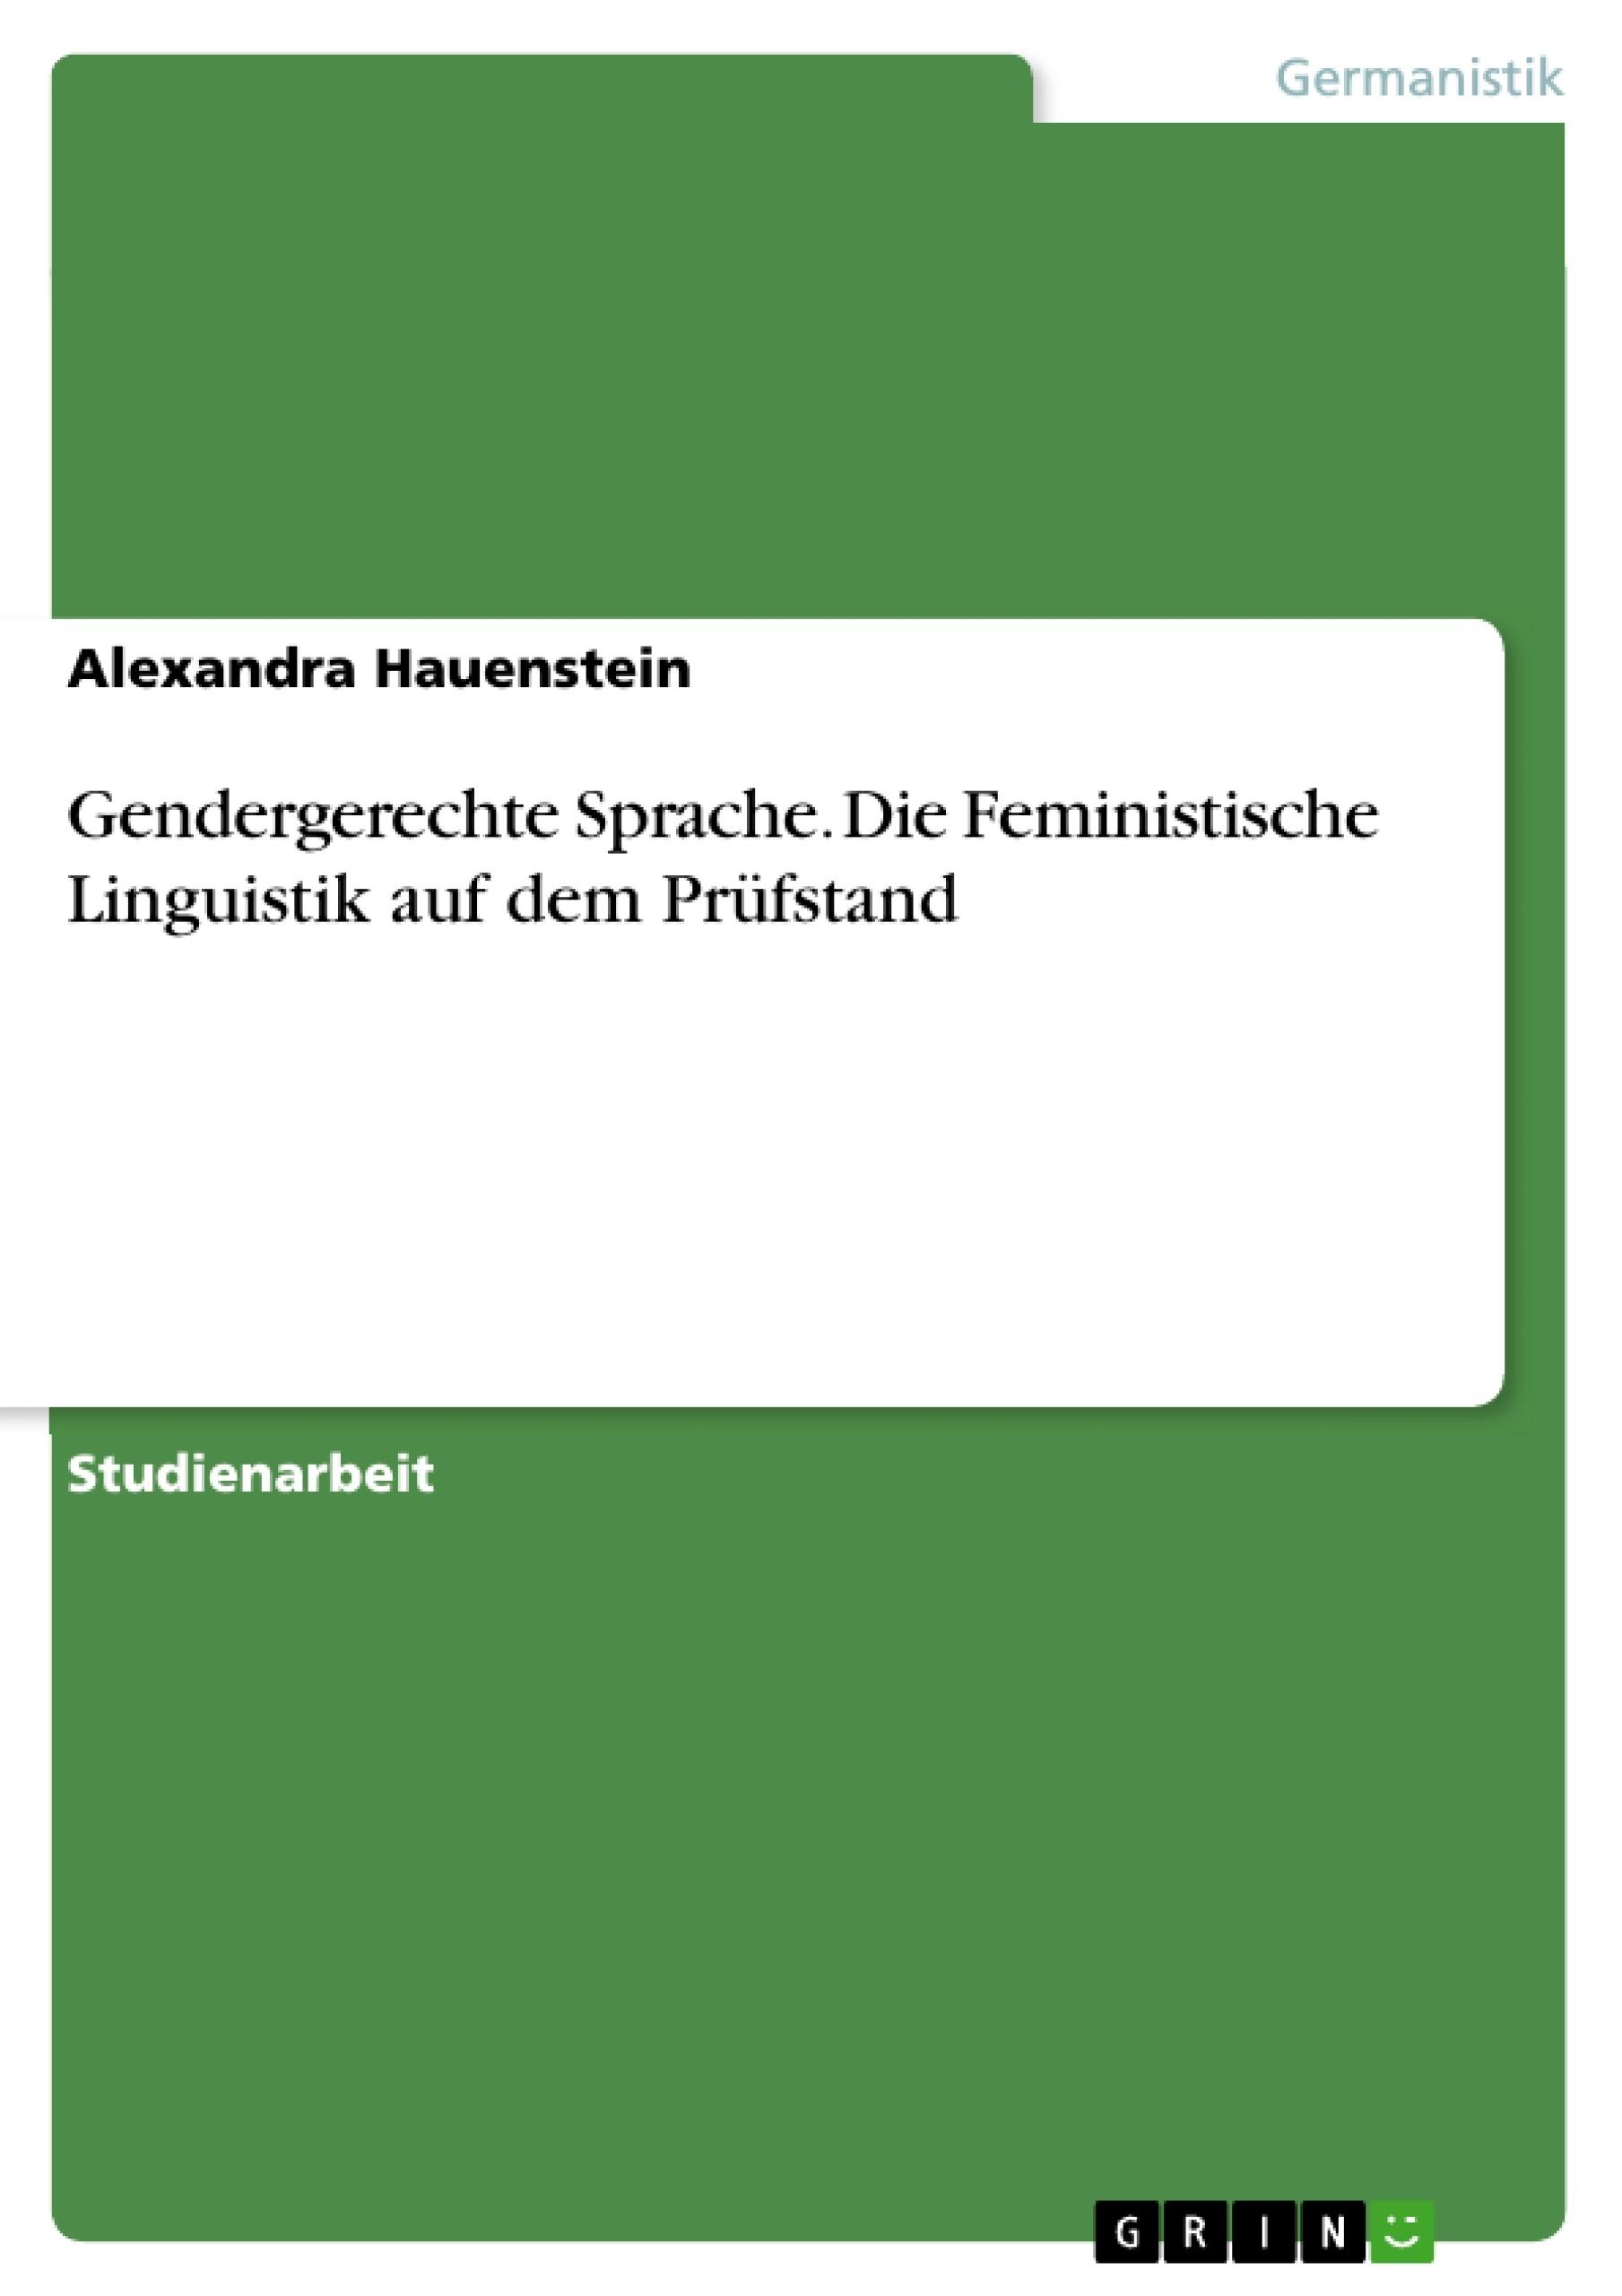 Titel: Gendergerechte Sprache. Die Feministische Linguistik auf dem Prüfstand